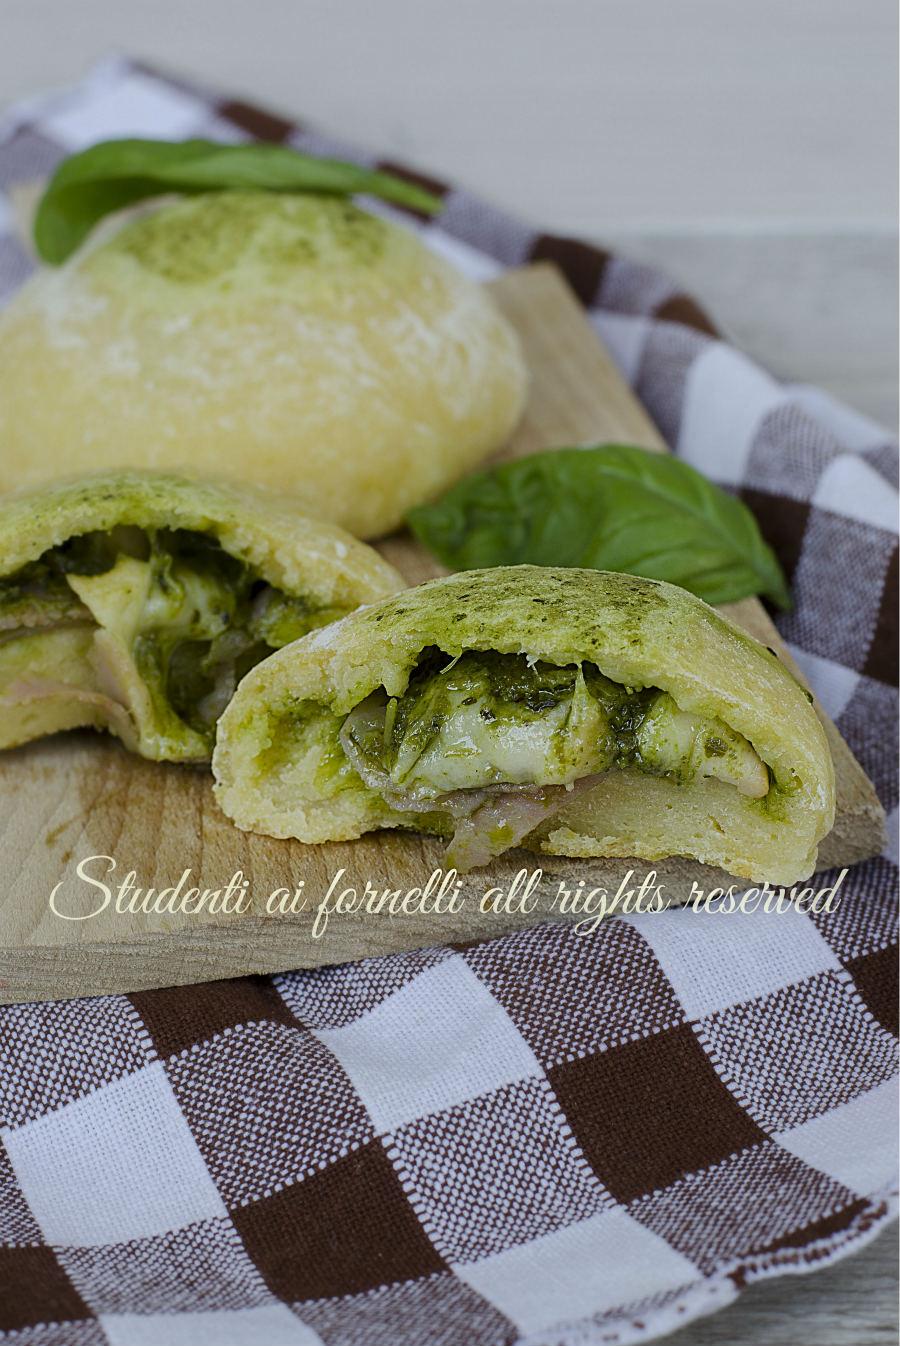 focaccine di patate pesto e prosciutto mozzarella ricetta sfiziosa veloce senza lievitazione bombette panini